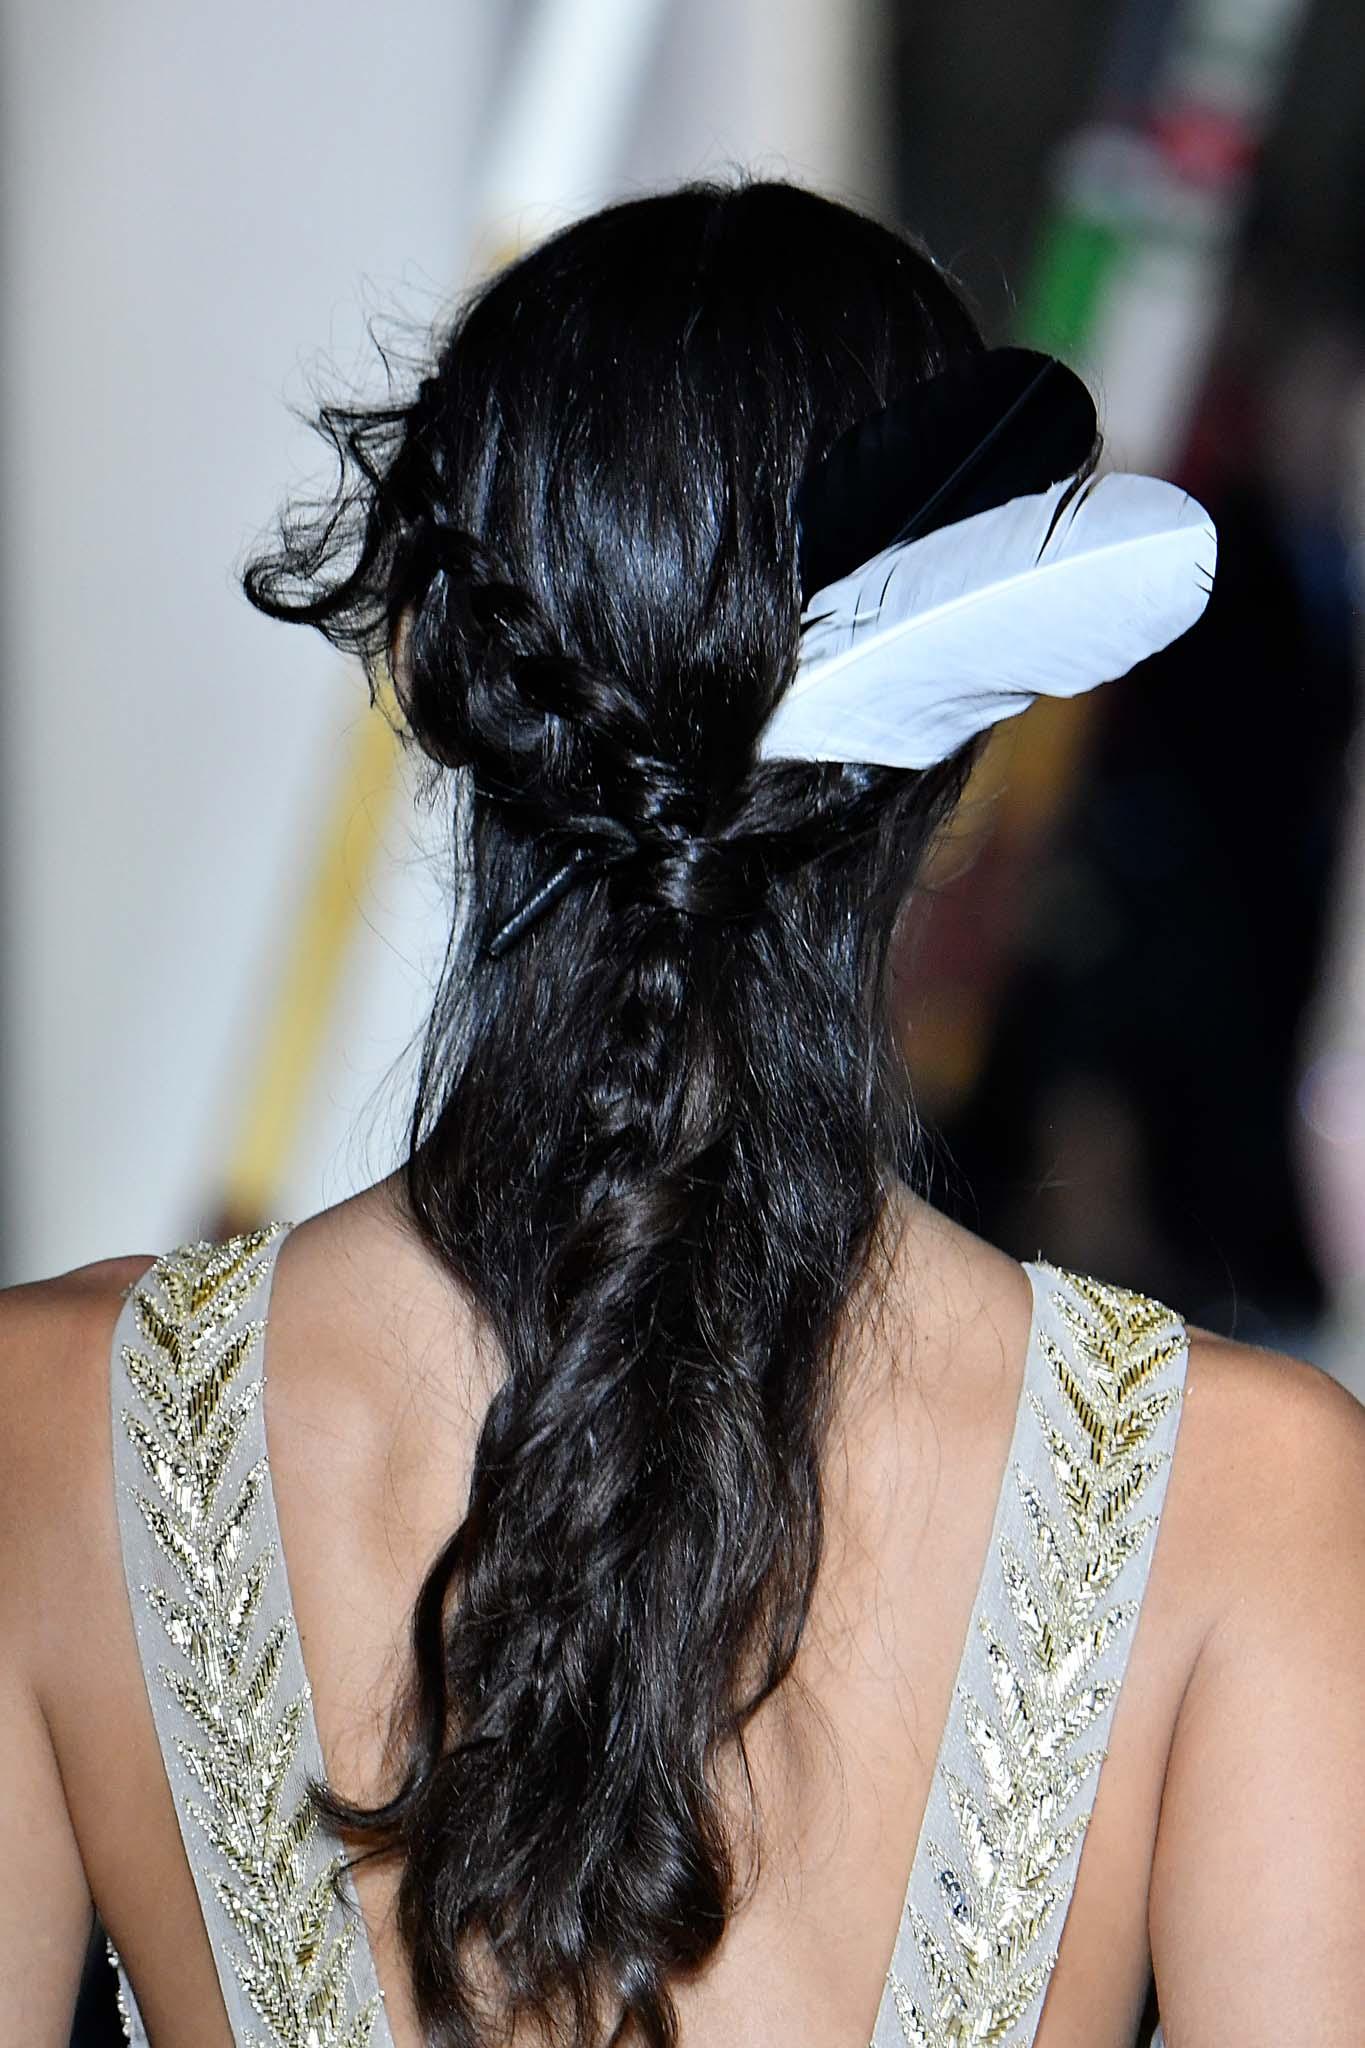 Vista desde atrás de cabellera negra, peiando semirecogido con una pluma blanca